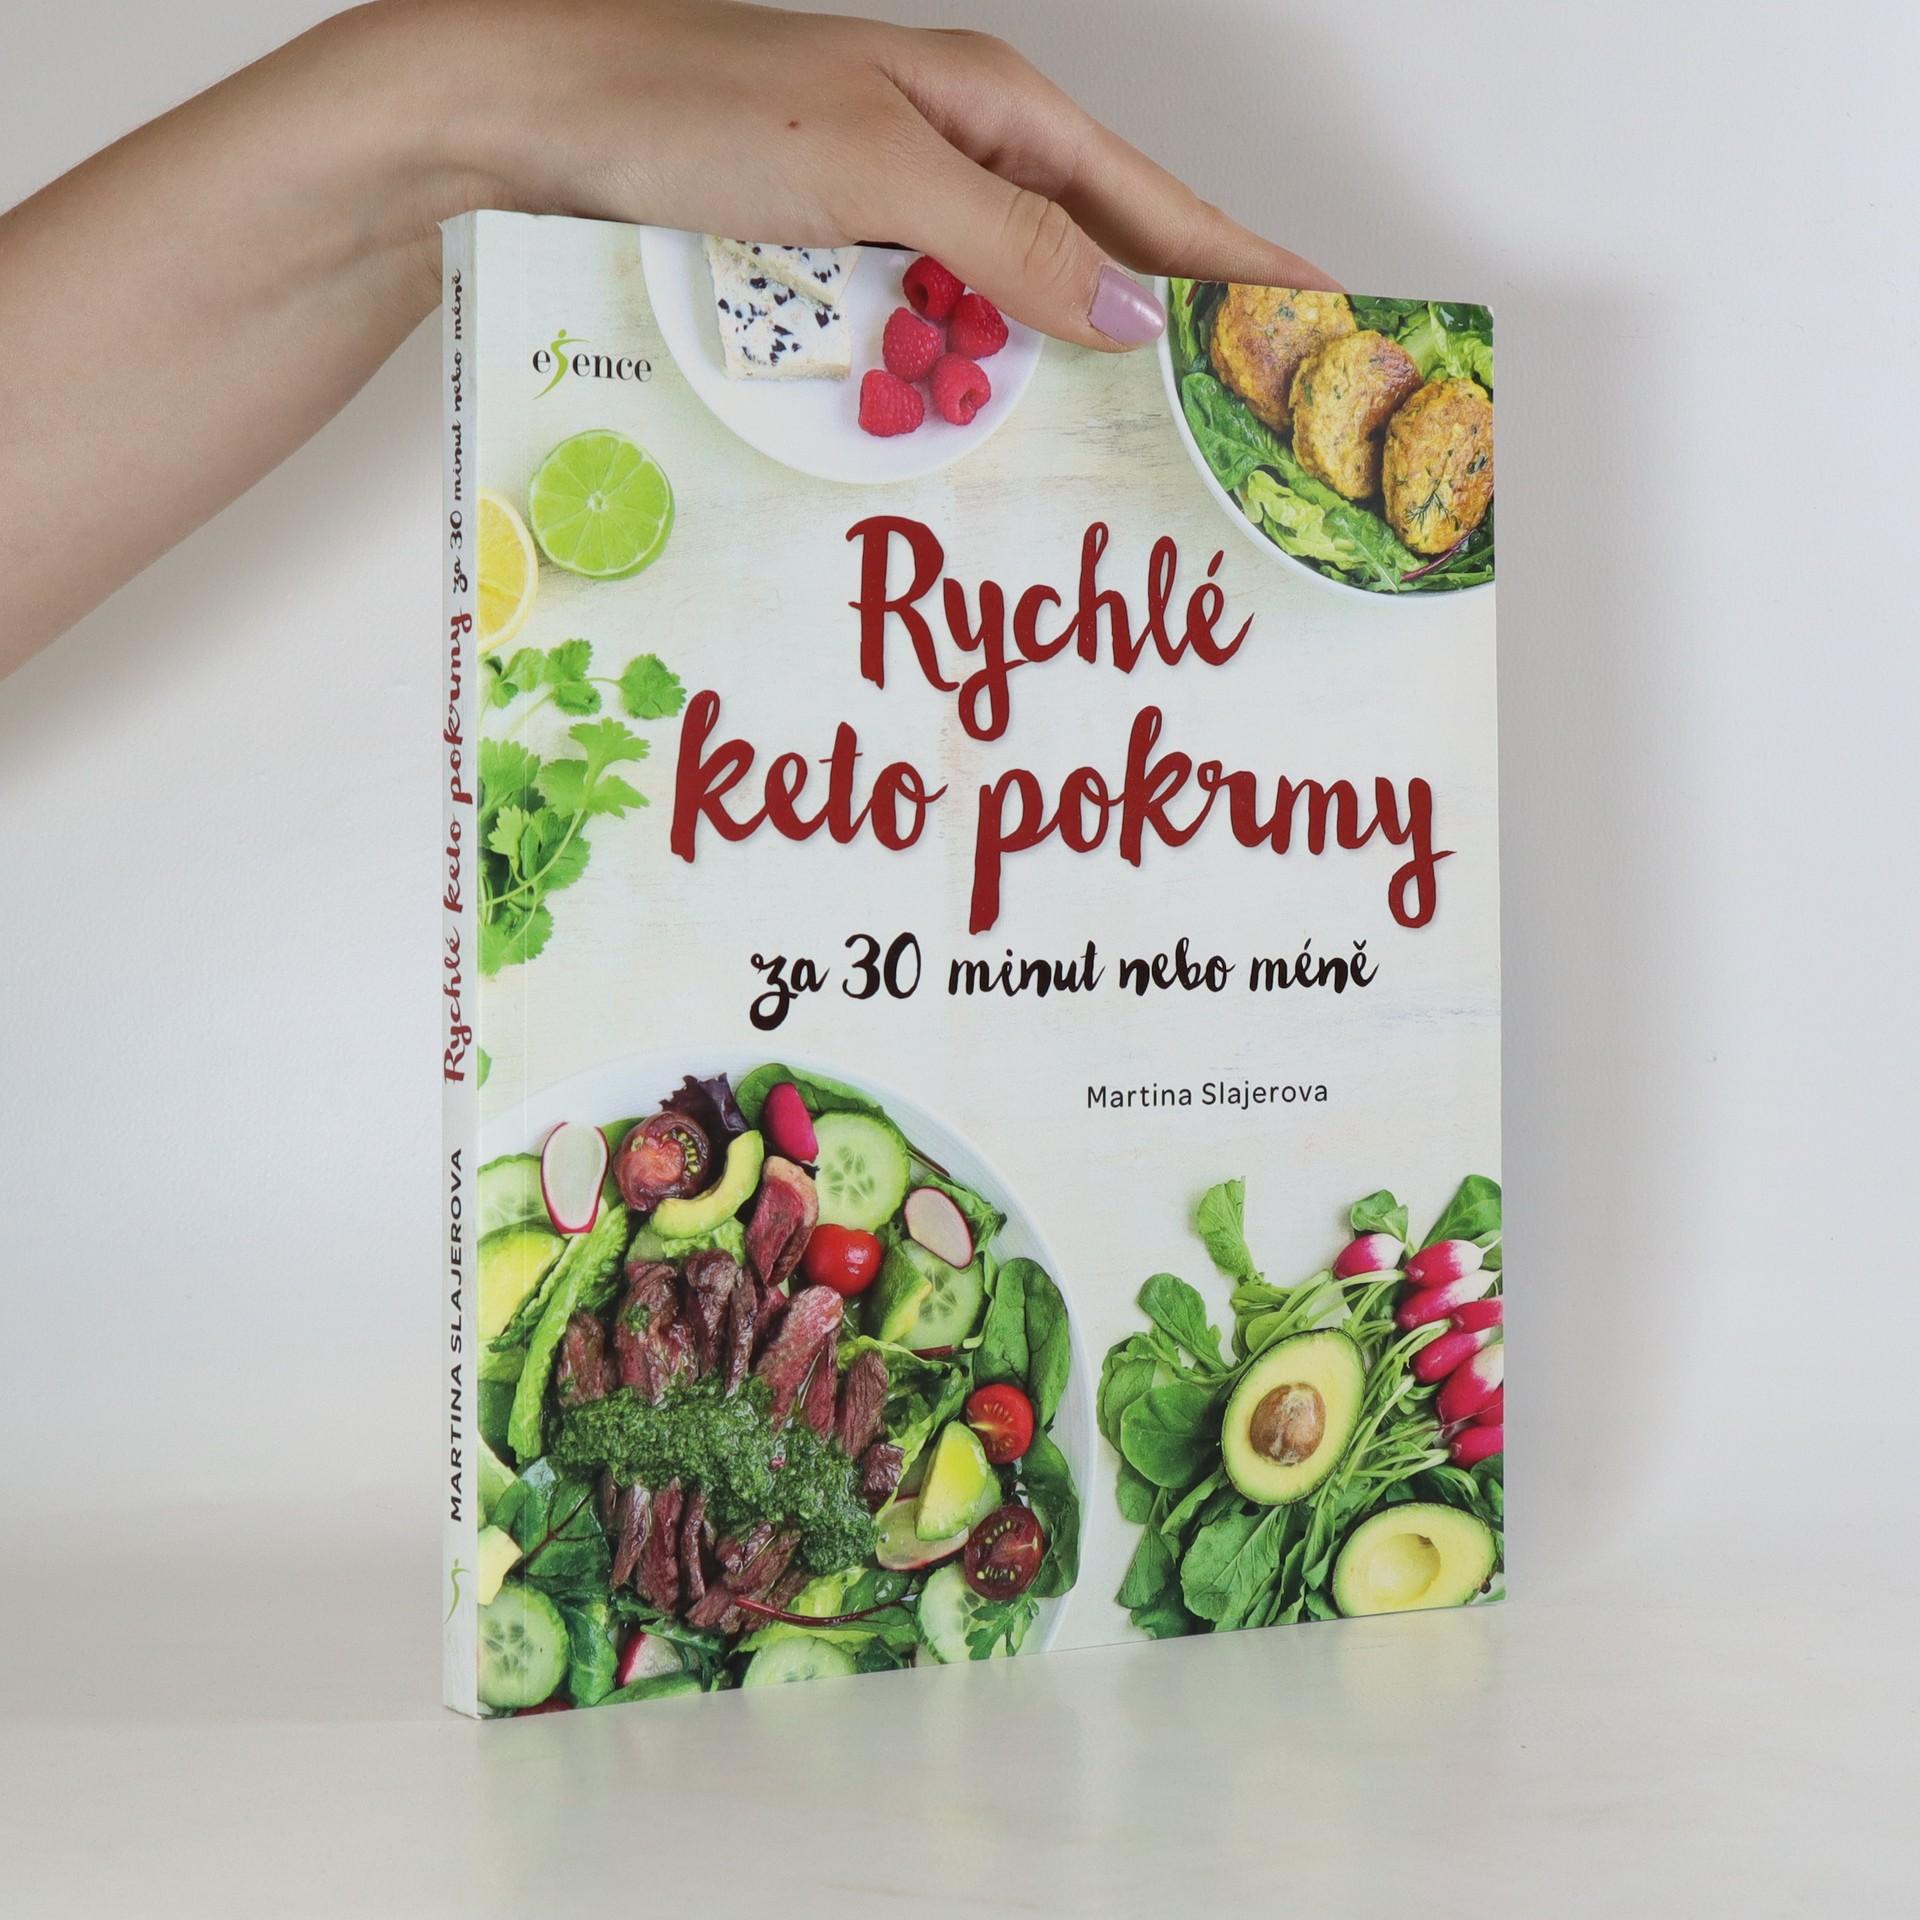 antikvární kniha Rychlé keto pokrmy za 30 minut nebo méně, 2019